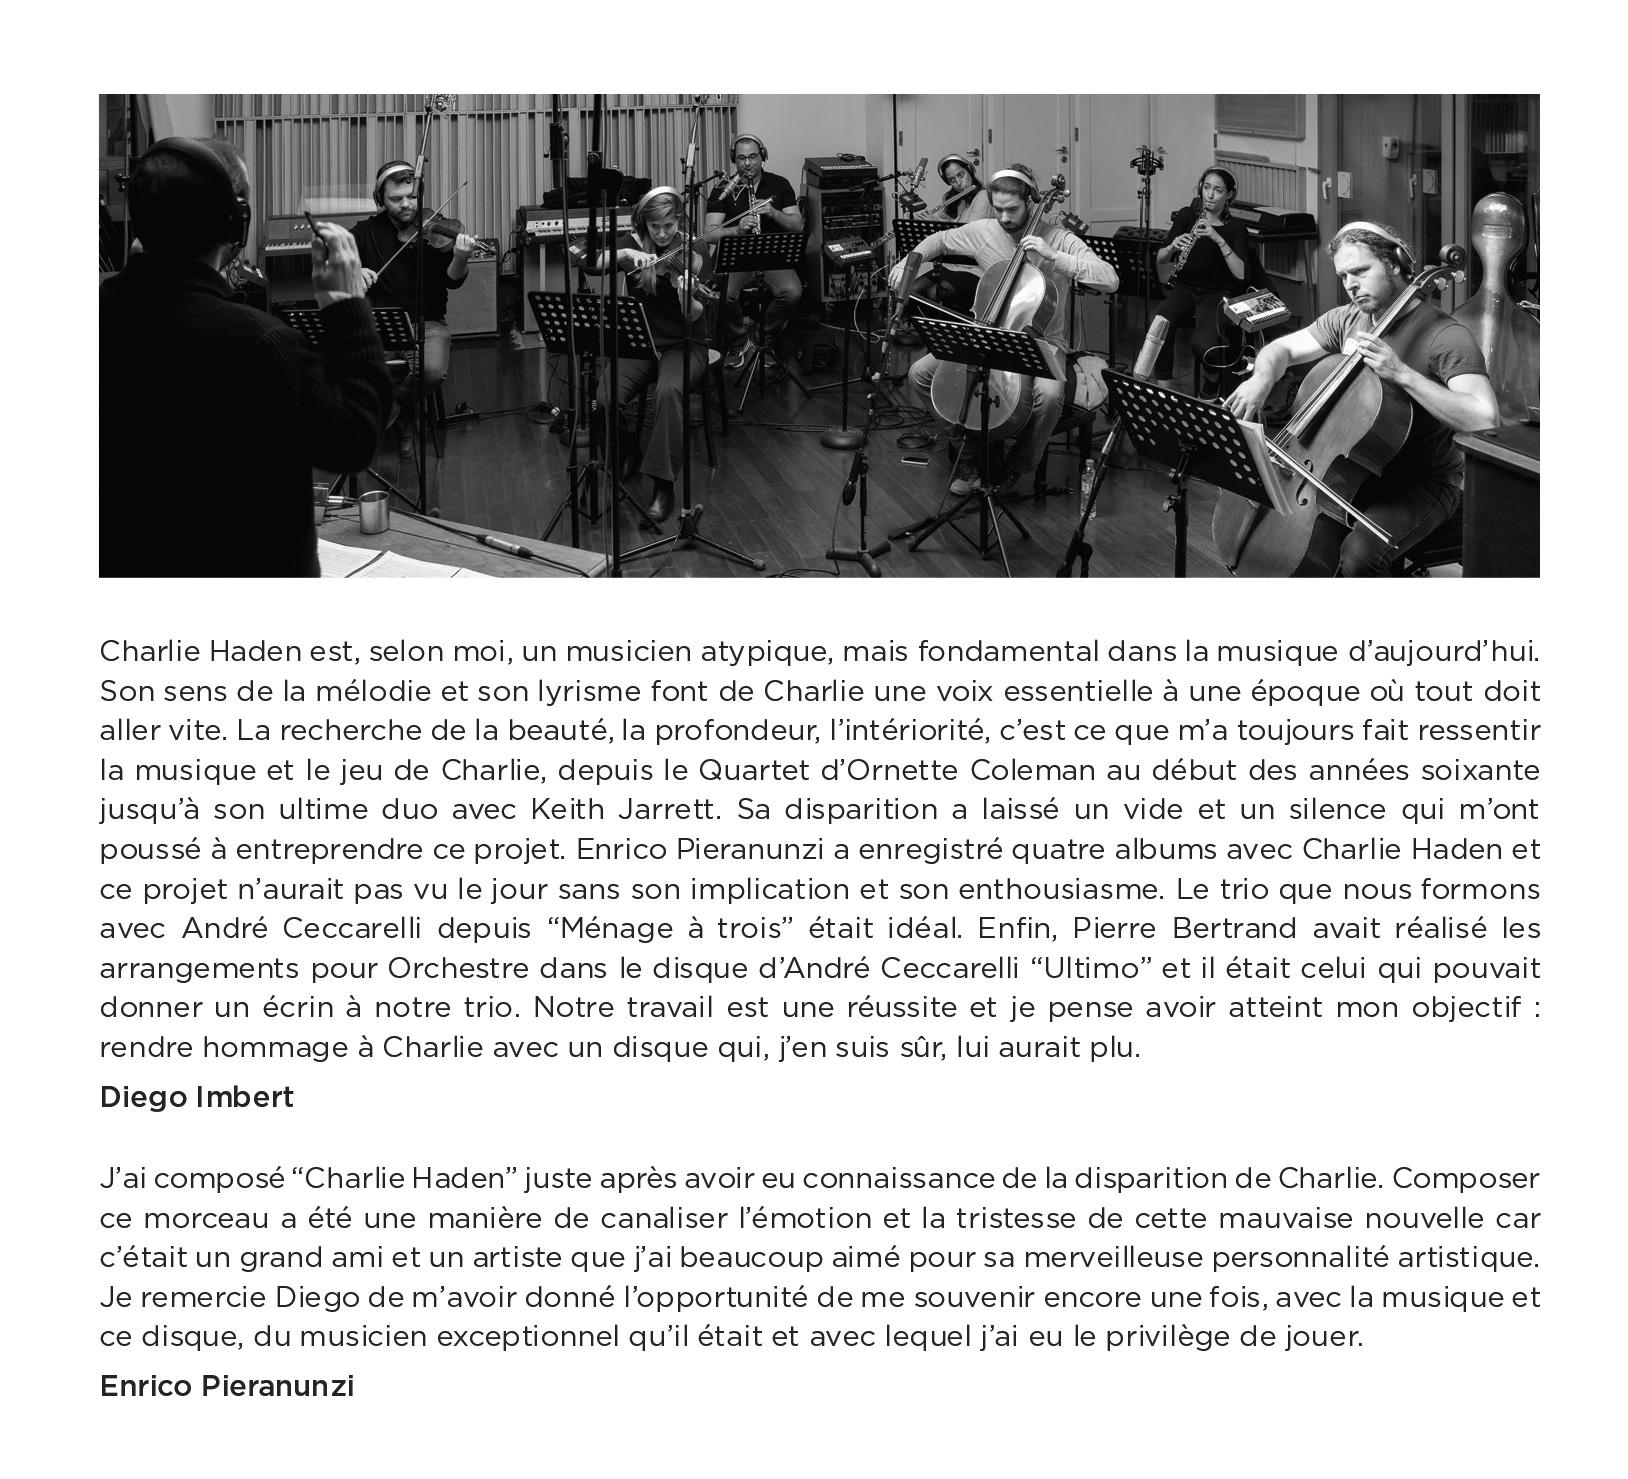 TributeToCharlieHaden-DiegoImbert-Img5